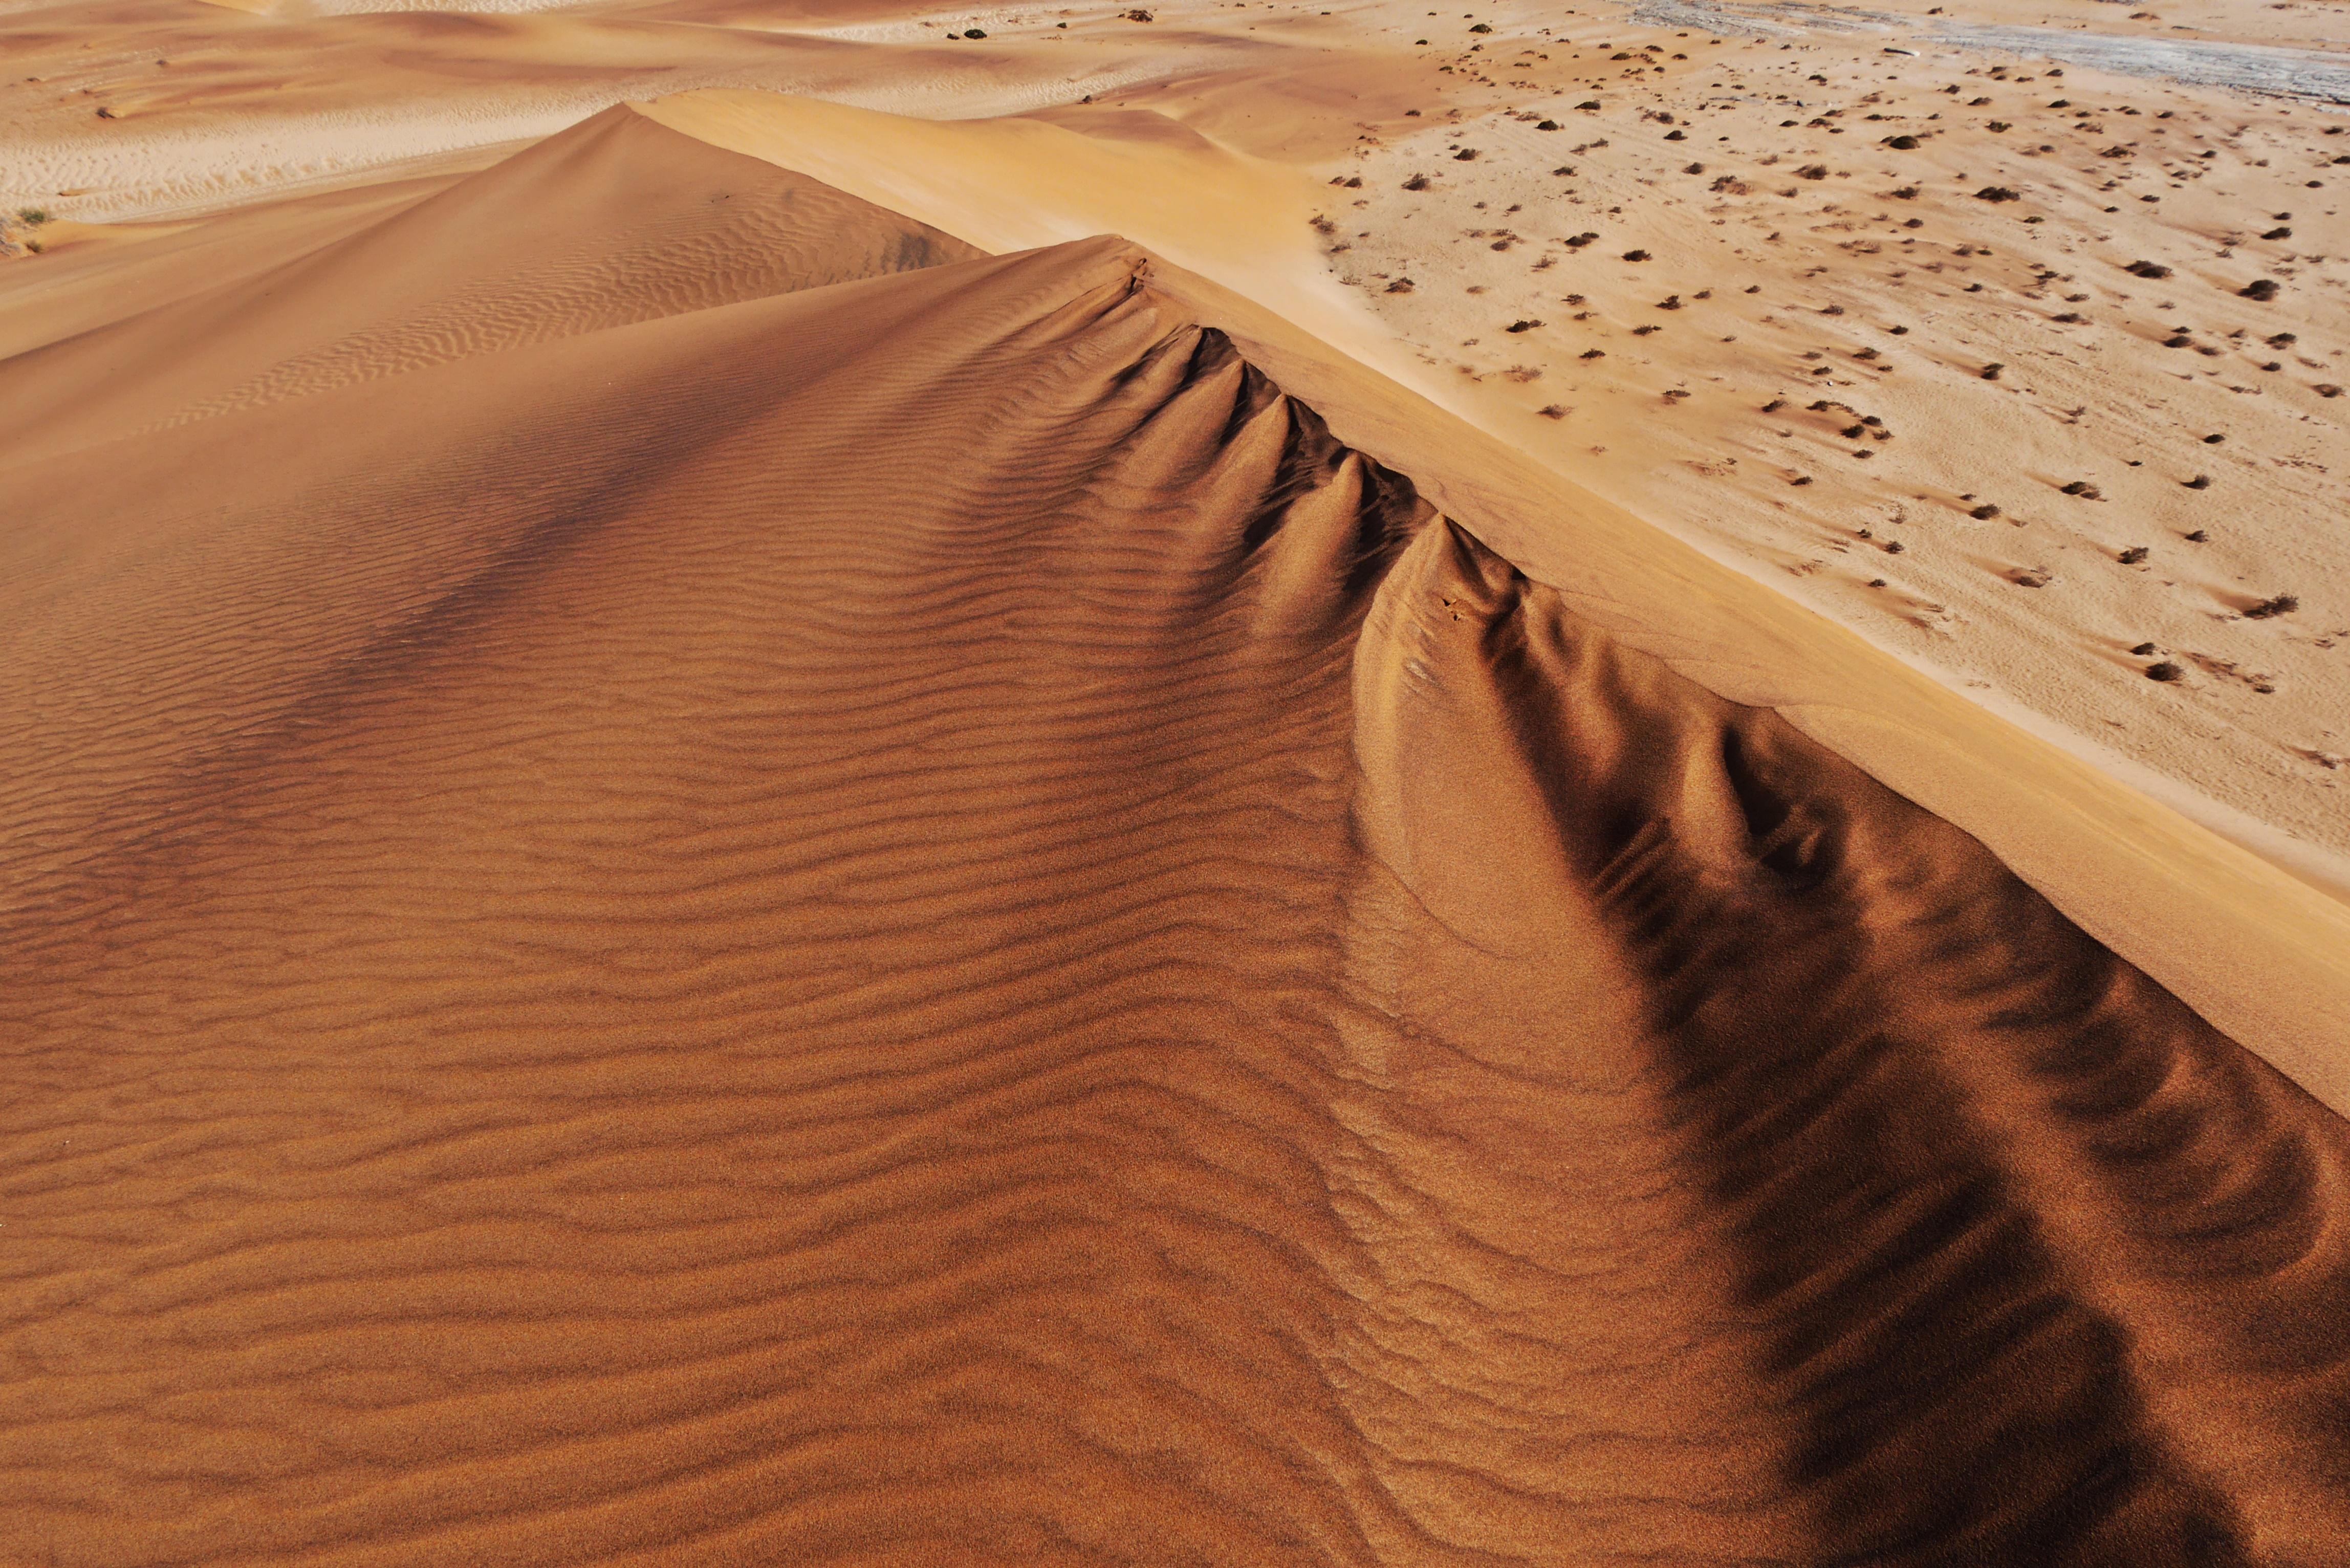 Blick hinab von einer der Dünen in der Namib Wüste bei Swakopmund in Namibia